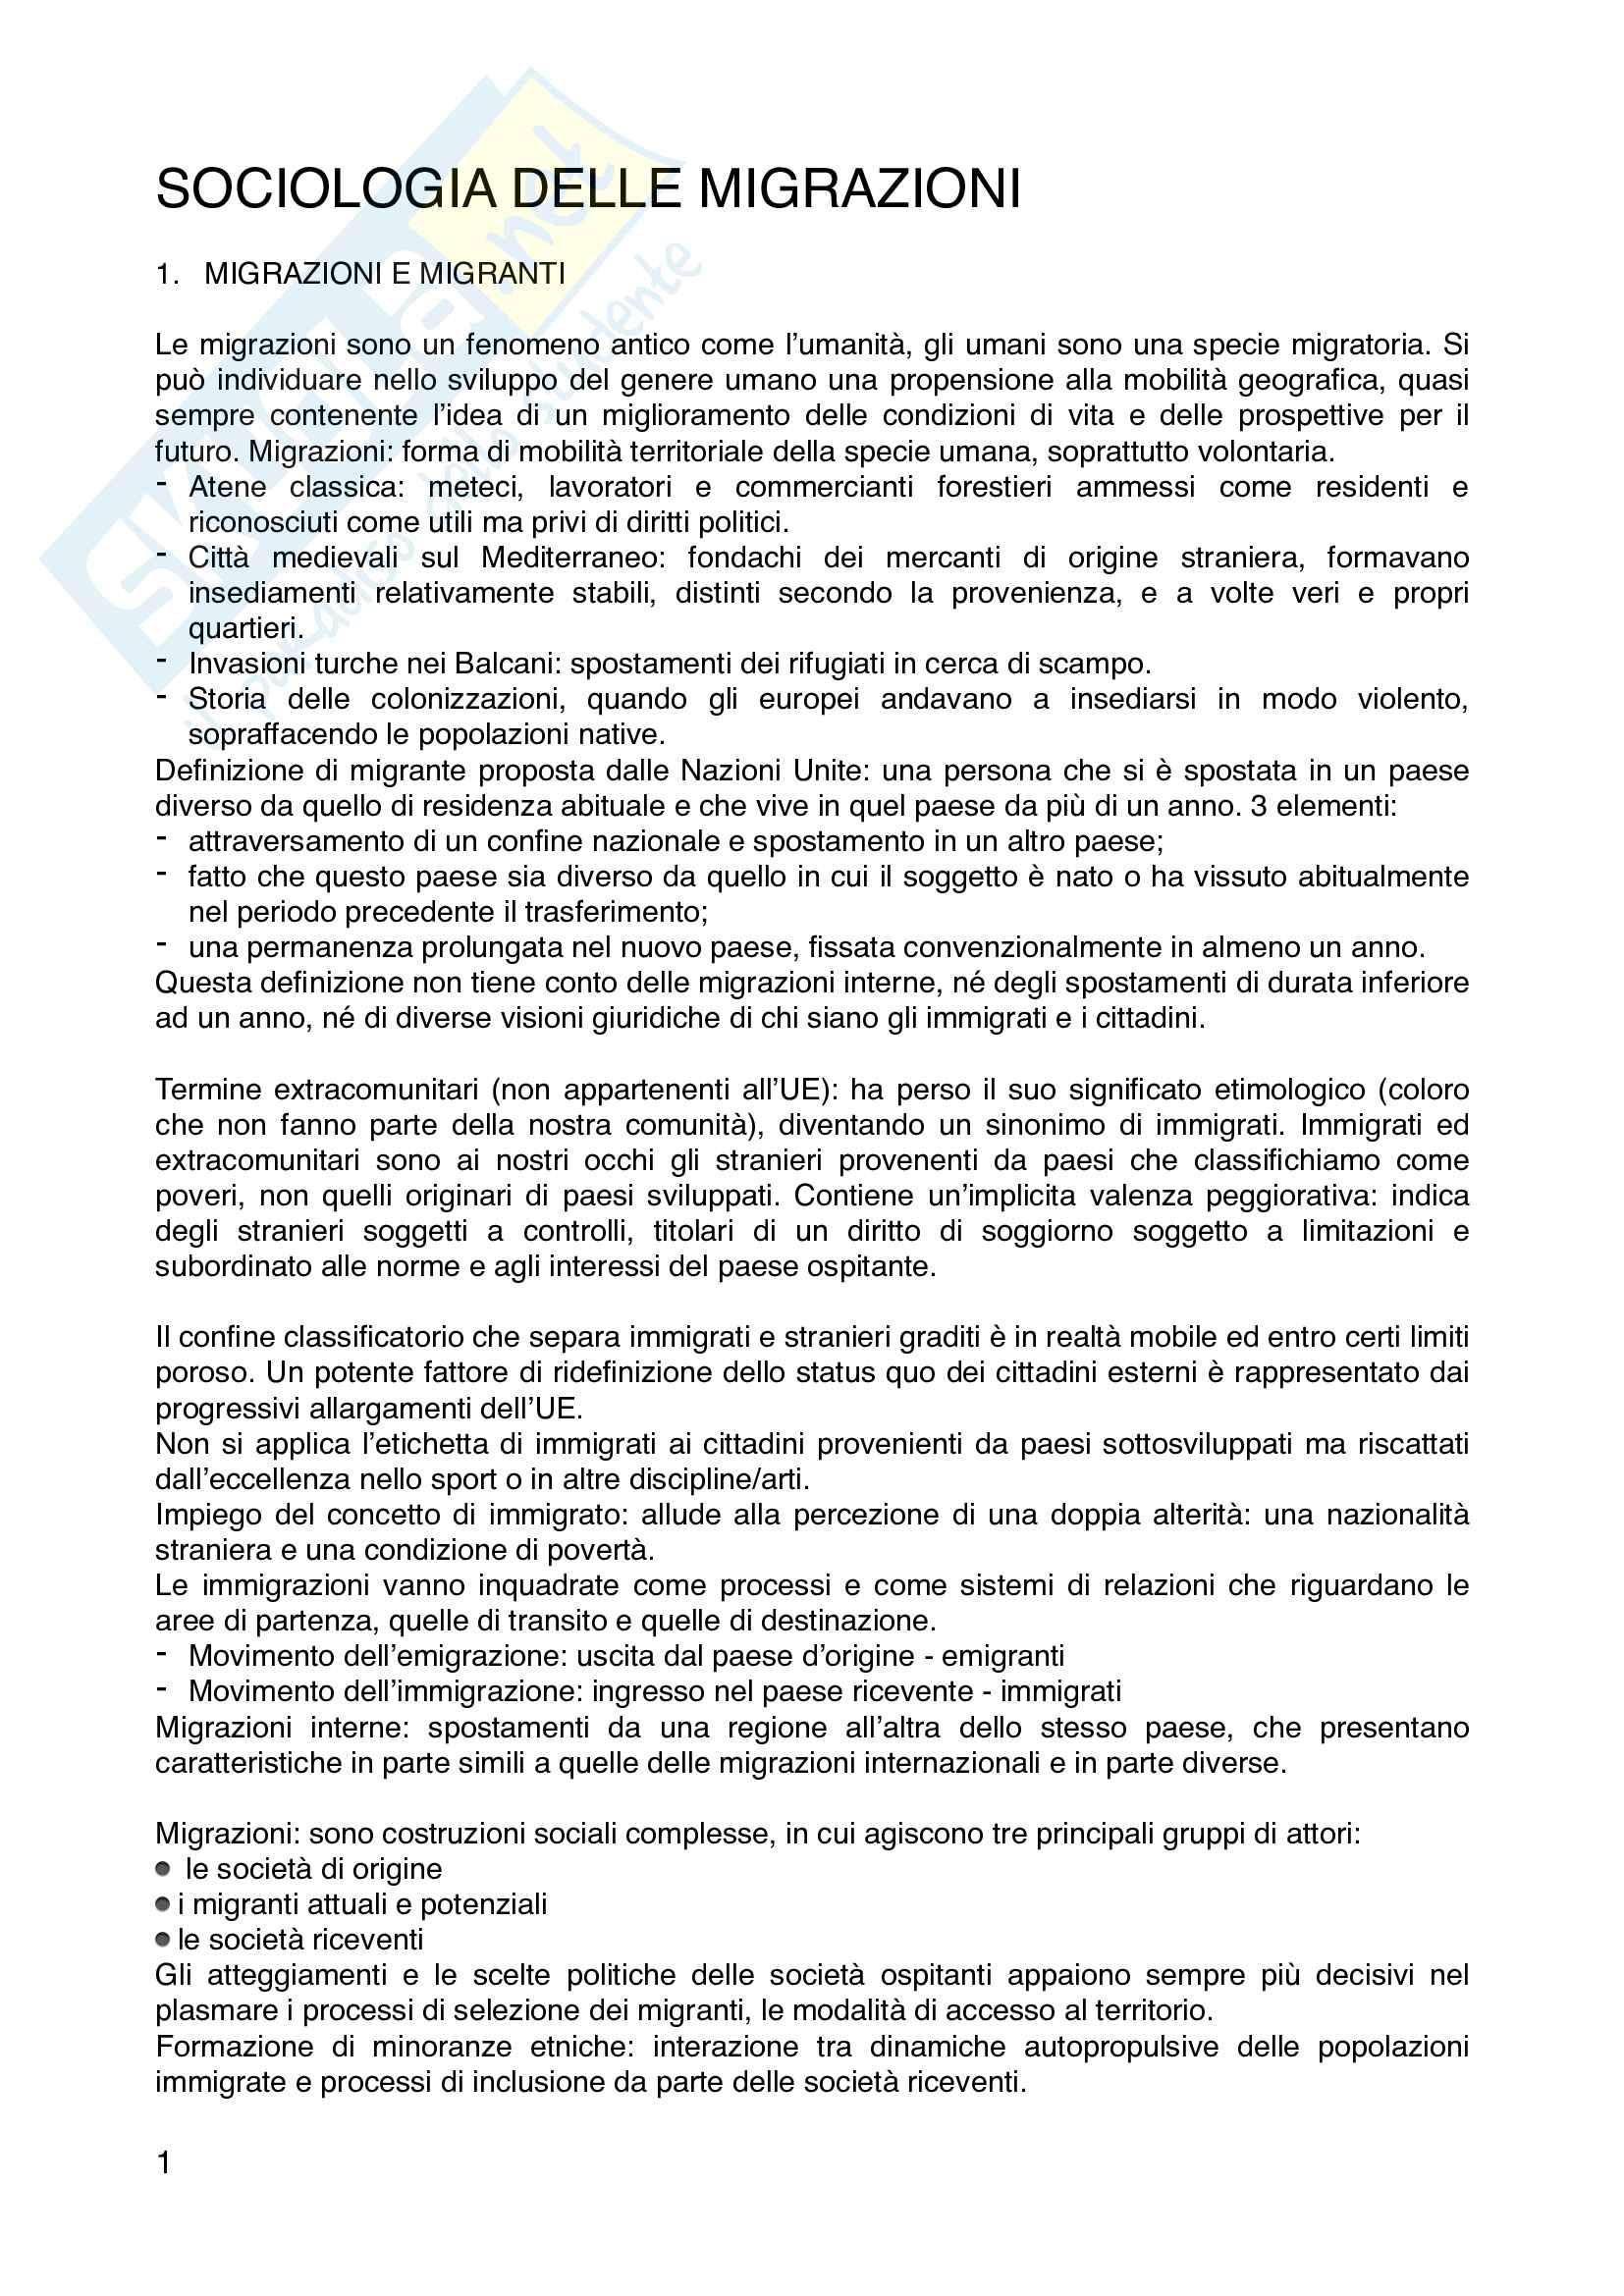 Riassunto esame di Sociologia delle Migrazioni, prof. Osti, libro consigliato Sociologia delle migrazioni, Ambrosini